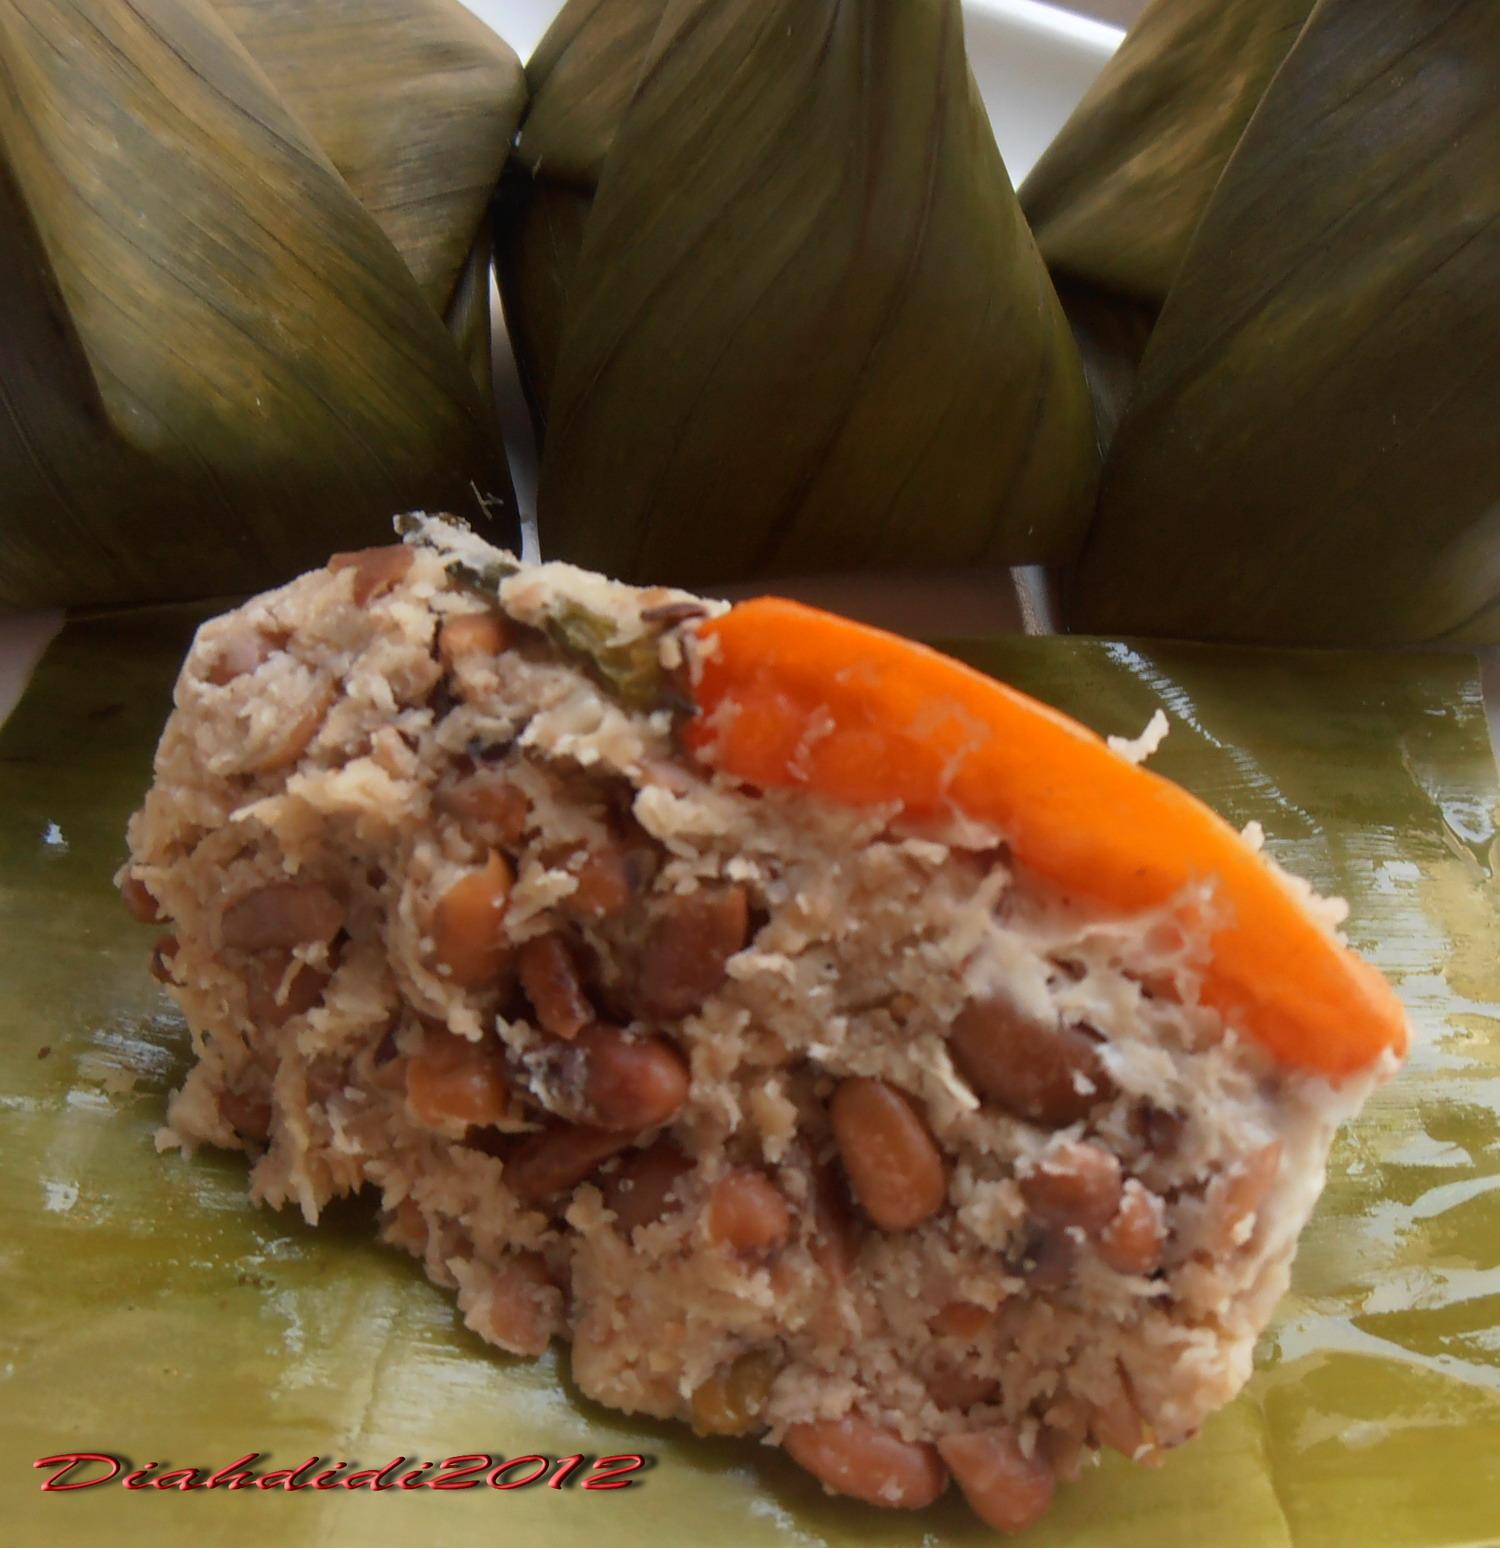 Bongko Kacang Tholo Resep Masakan Sederhana